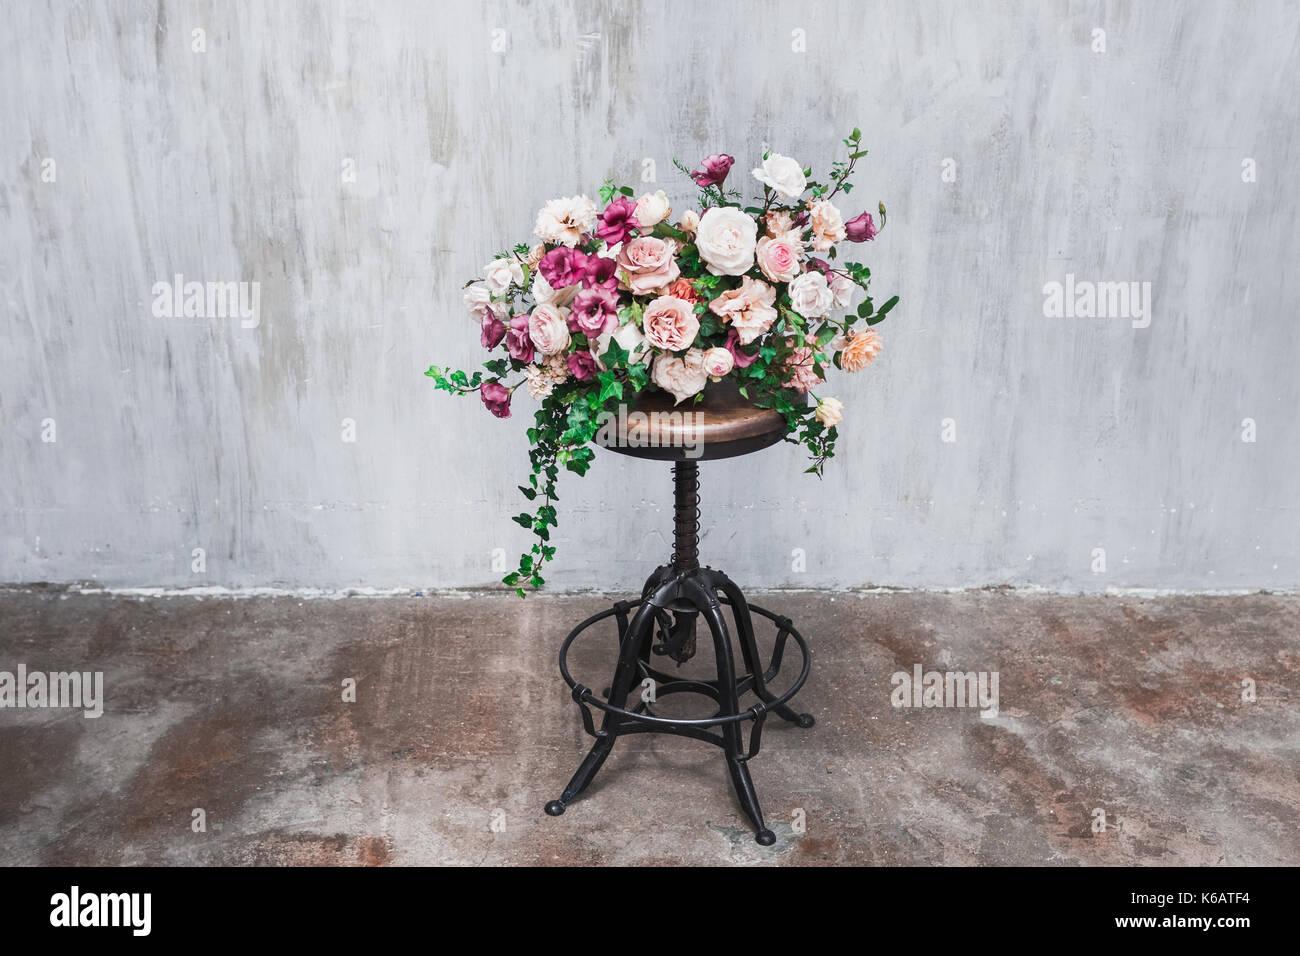 Wedding flower arrangement isolated on grey textured background ...